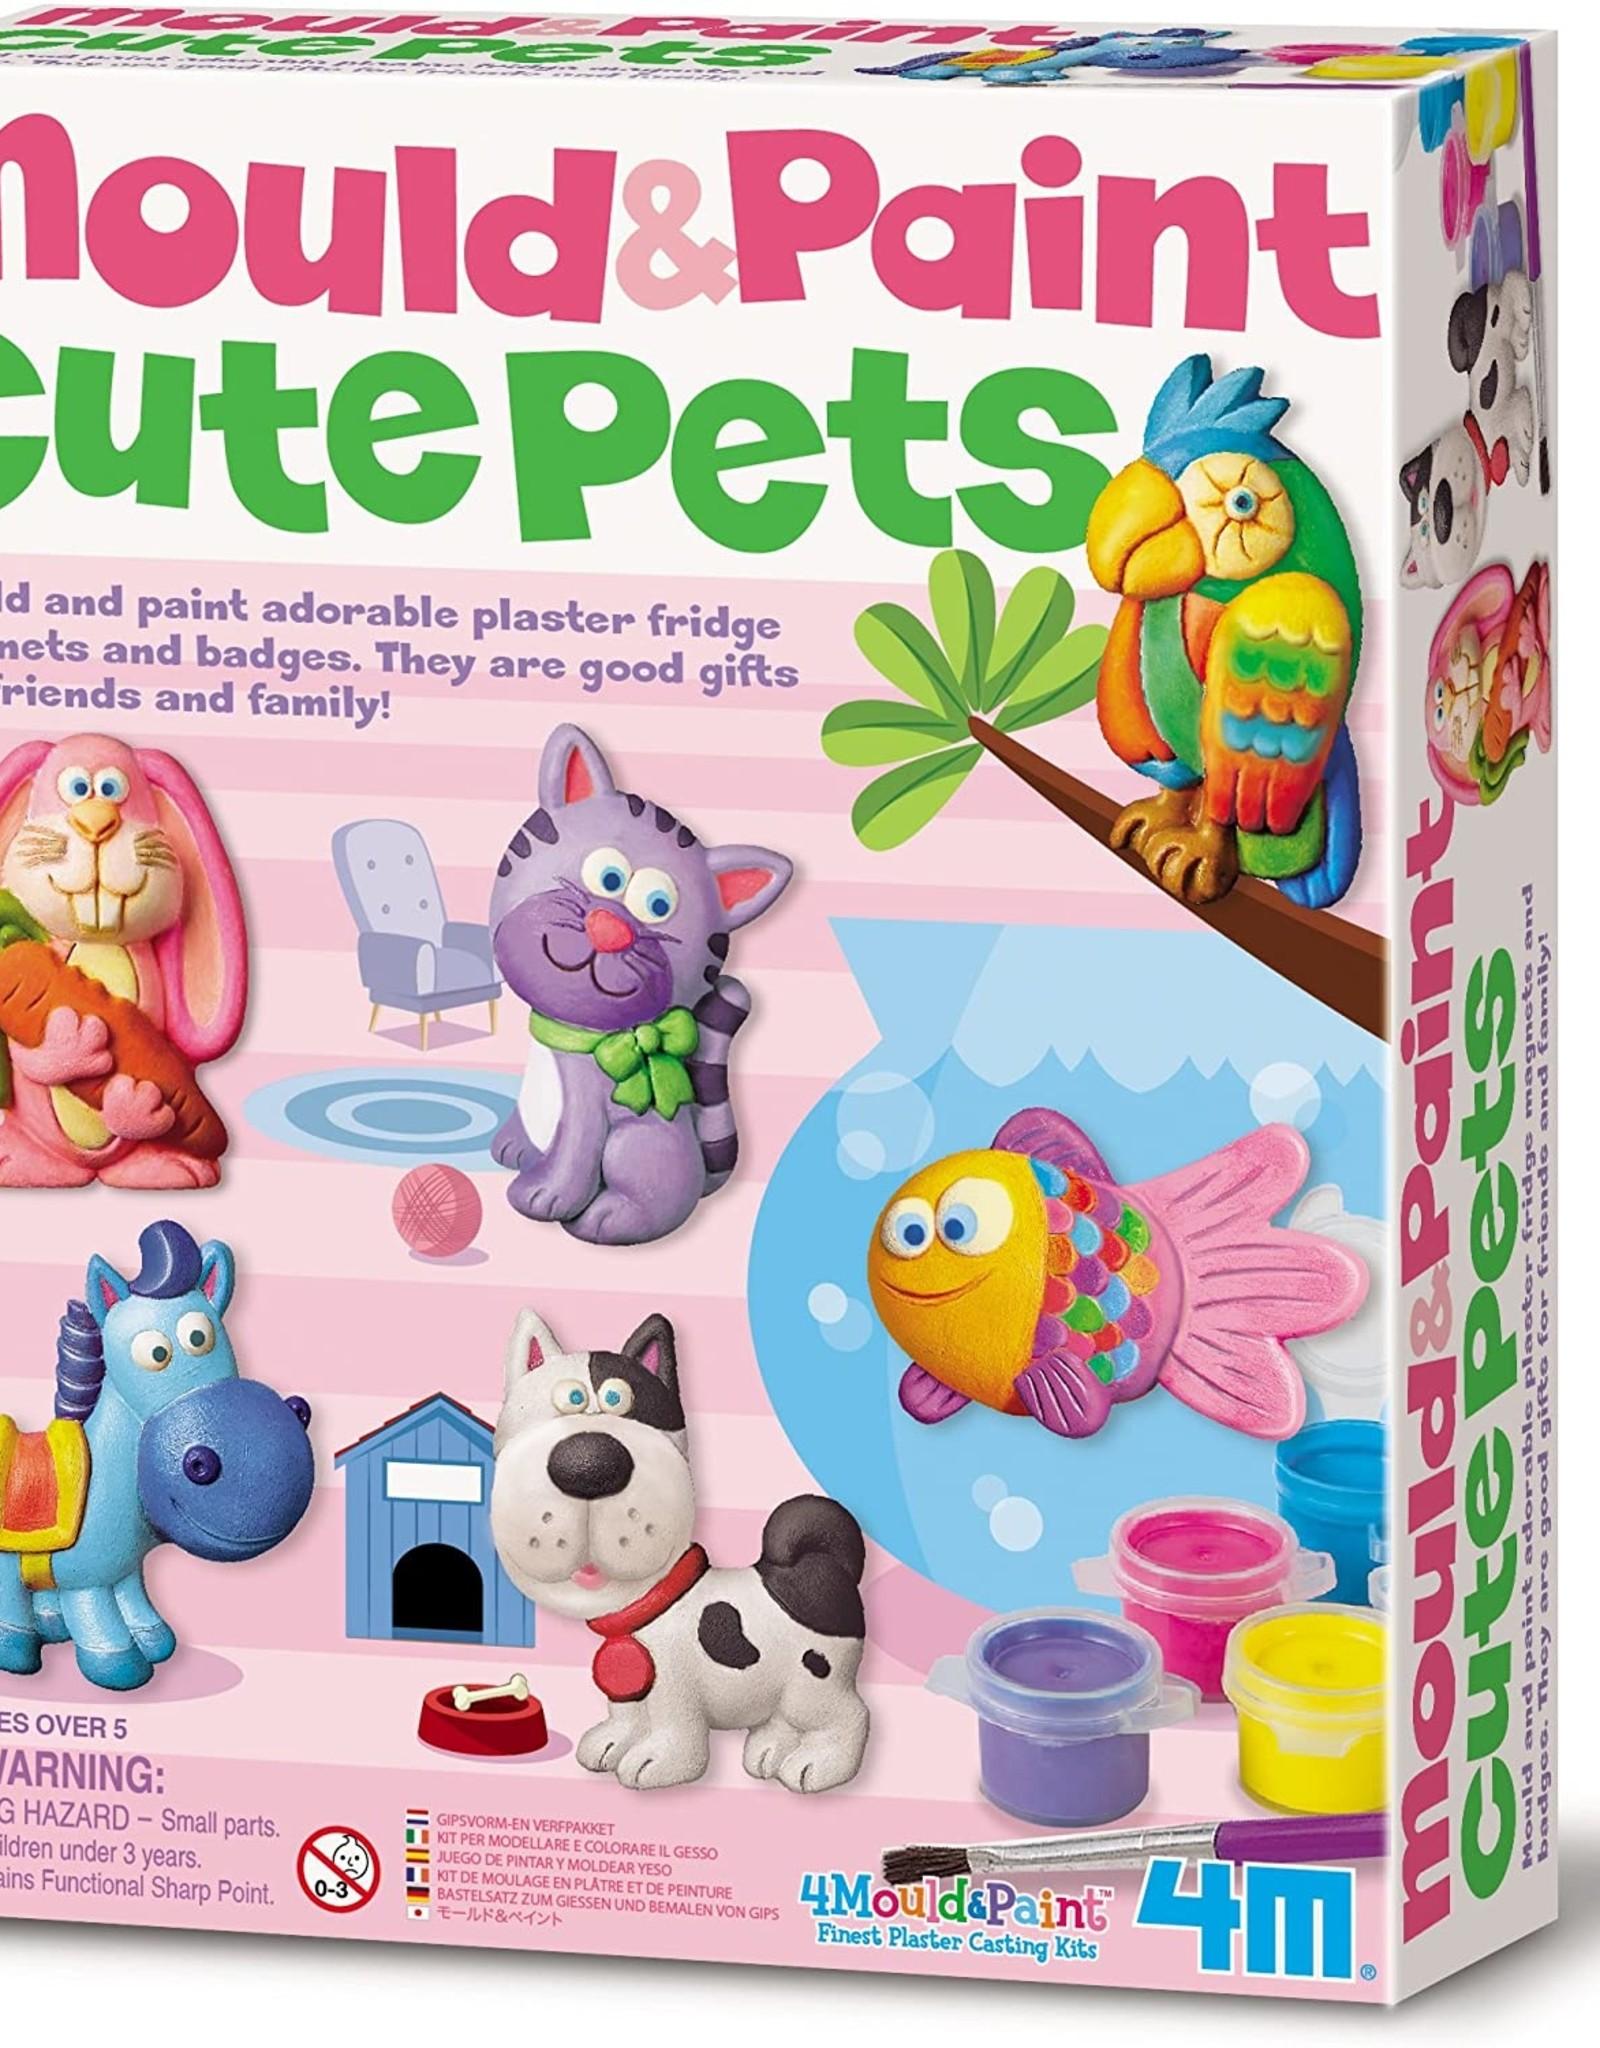 4M Mould & Paint - Cute Pets